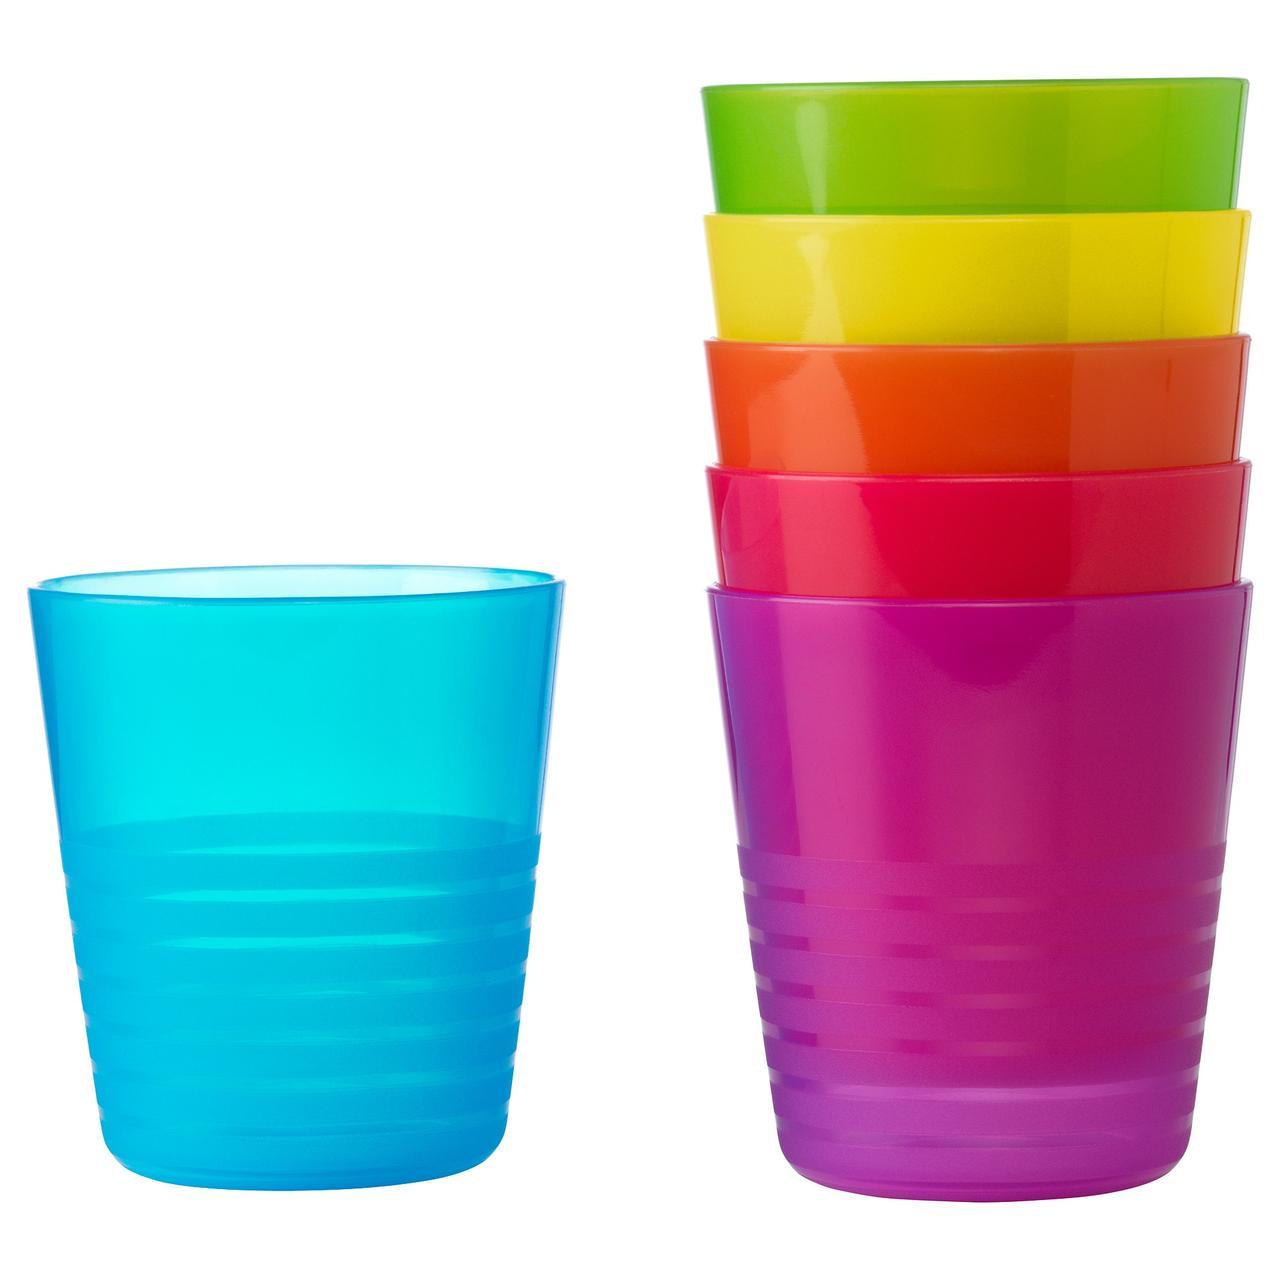 КАЛАС Стакан, разные цвета разные цвета